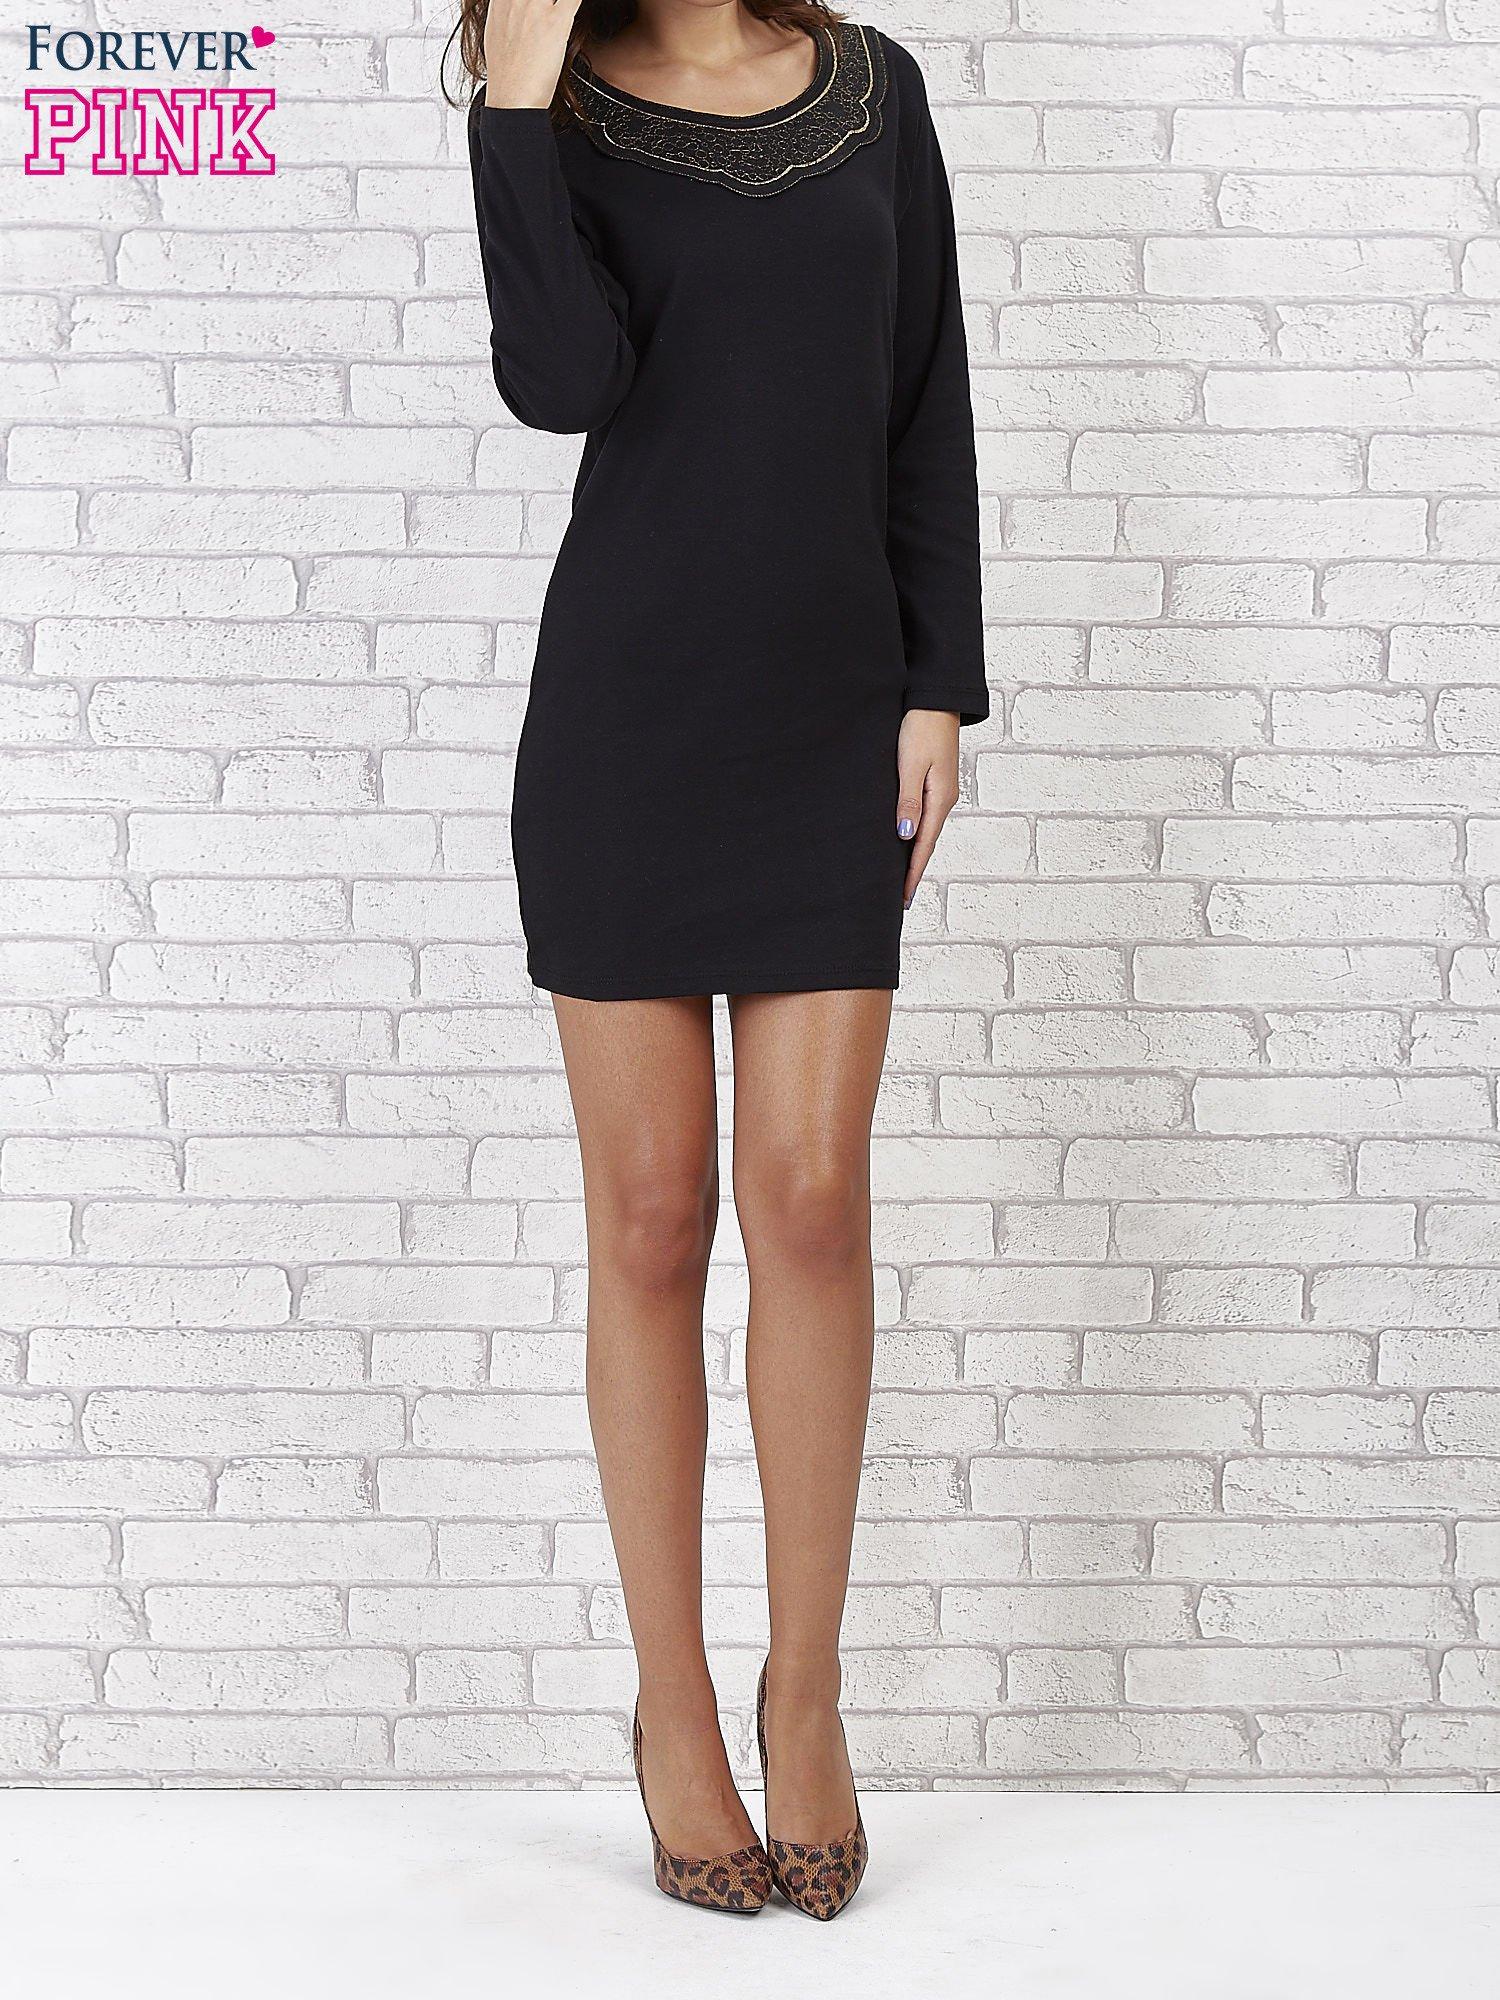 Czarna prosta sukienka z koronkowym dekoltem                                  zdj.                                  1